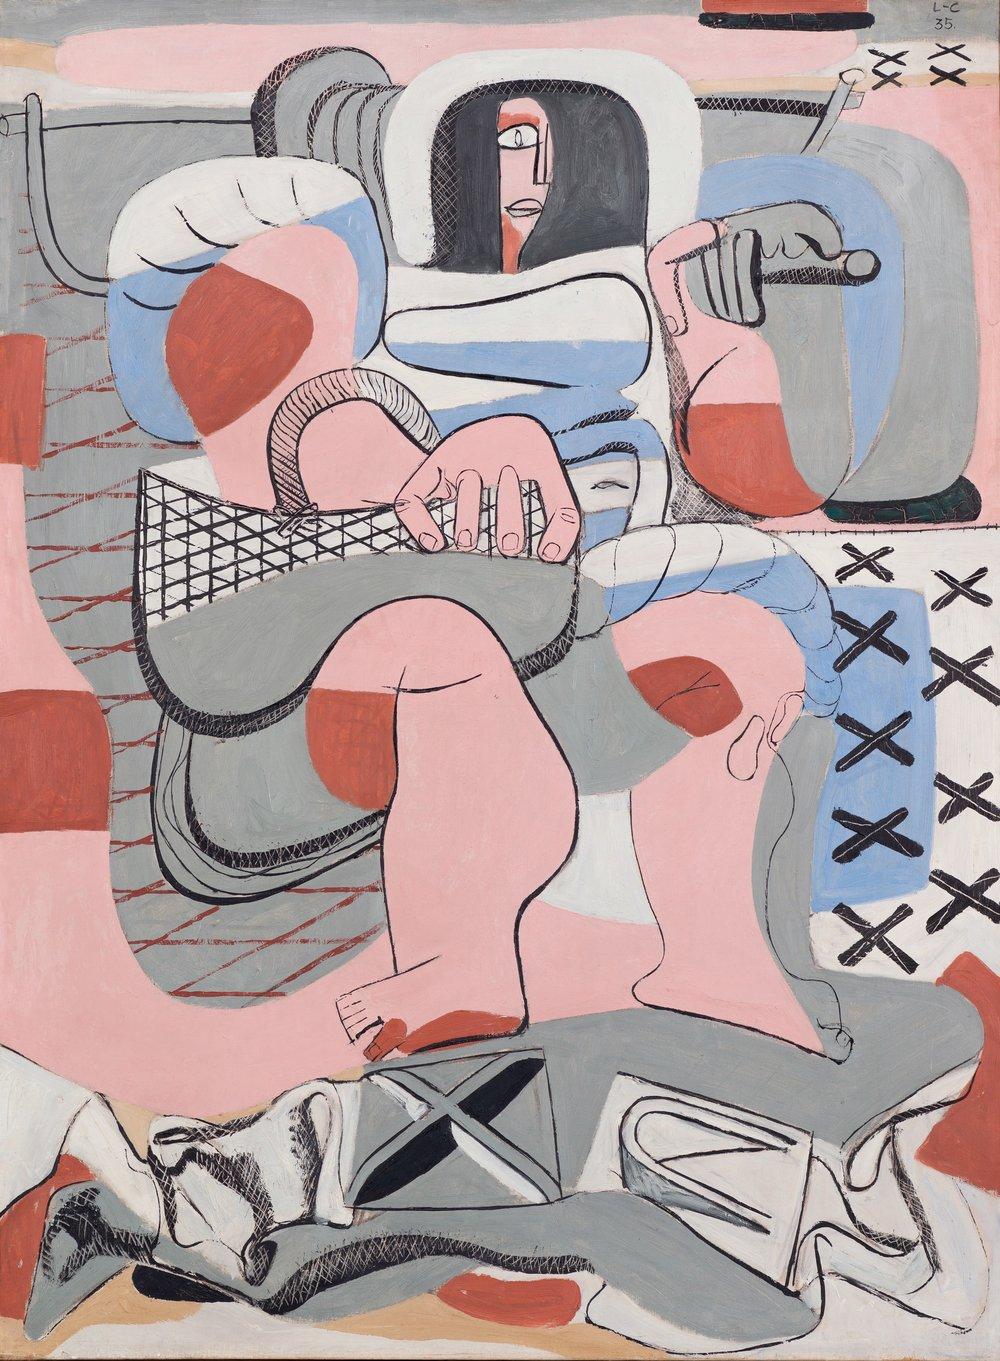 Le Corbusier, La Pêcheuse d'huitres/ Østersfiskerinnen, 1935.  The Foundation Le Corbusier © FLCADGAP